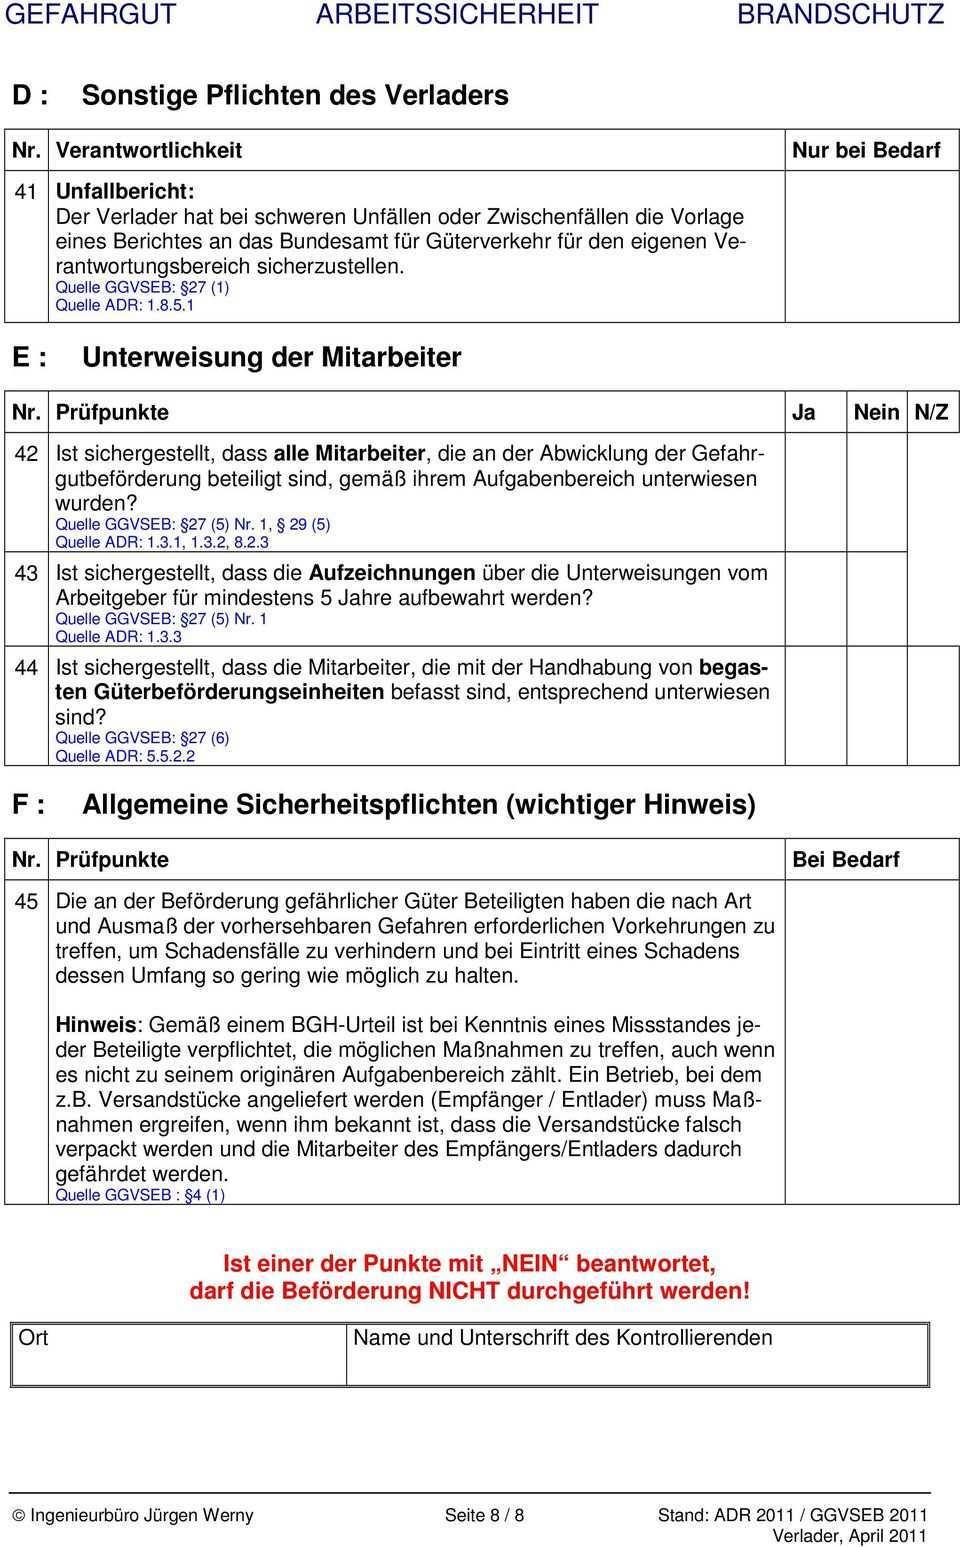 Checkliste Verlader Nach Ggvseb Adr 2011 Fur Den Strassentransport Gultig Bis Pdf Free Download